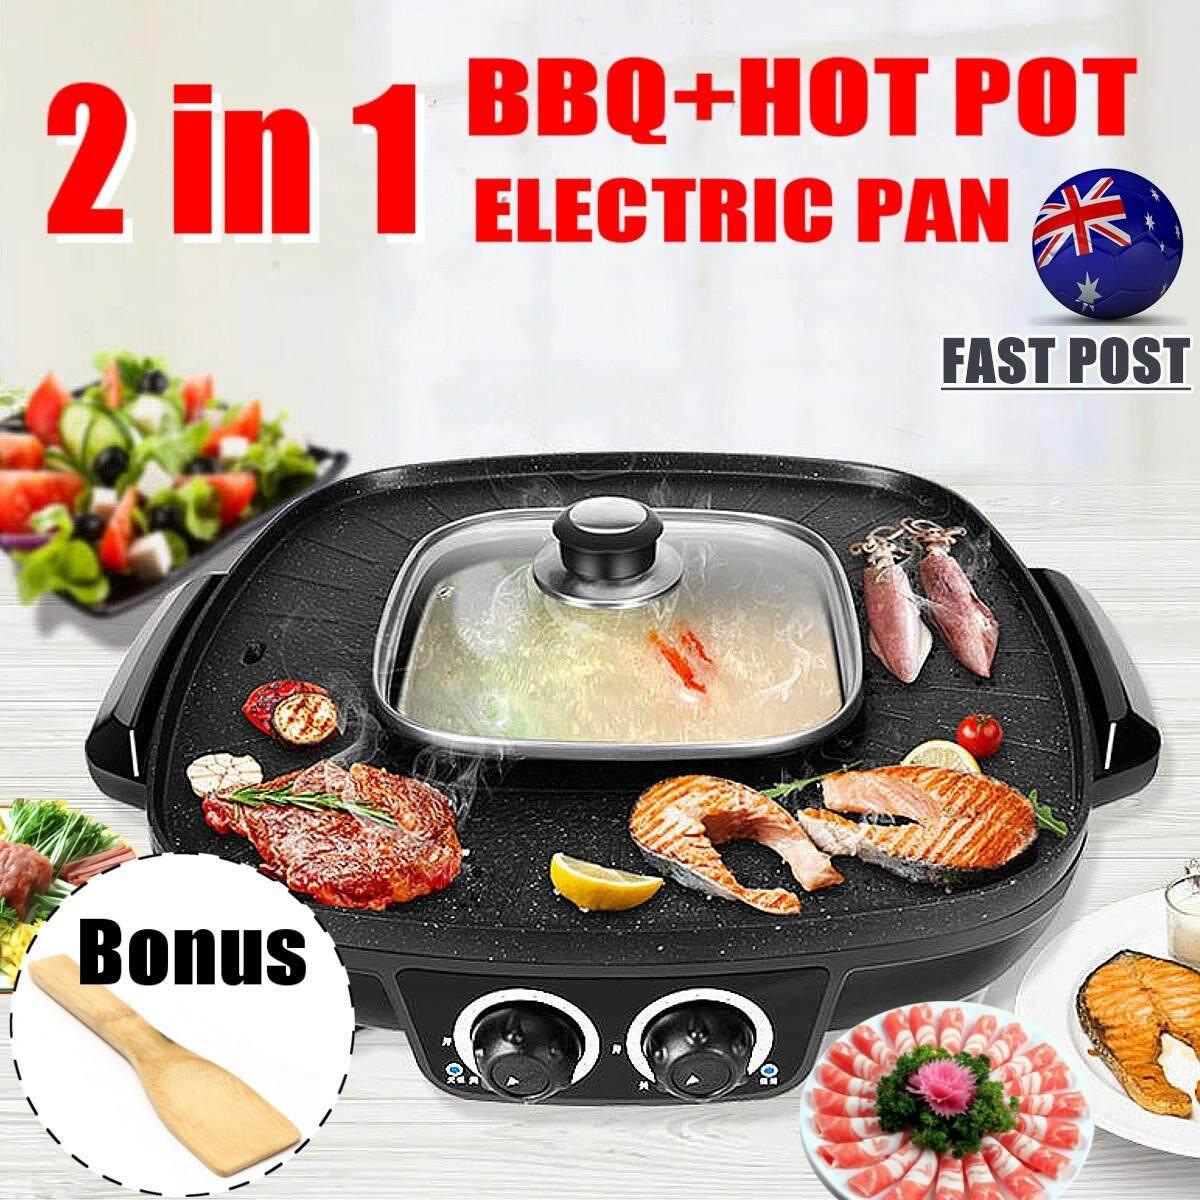 Large Bbq Electric Pan Complete Set Black Coat Plate Shabu Grill Boil Soup Thai By Audew.